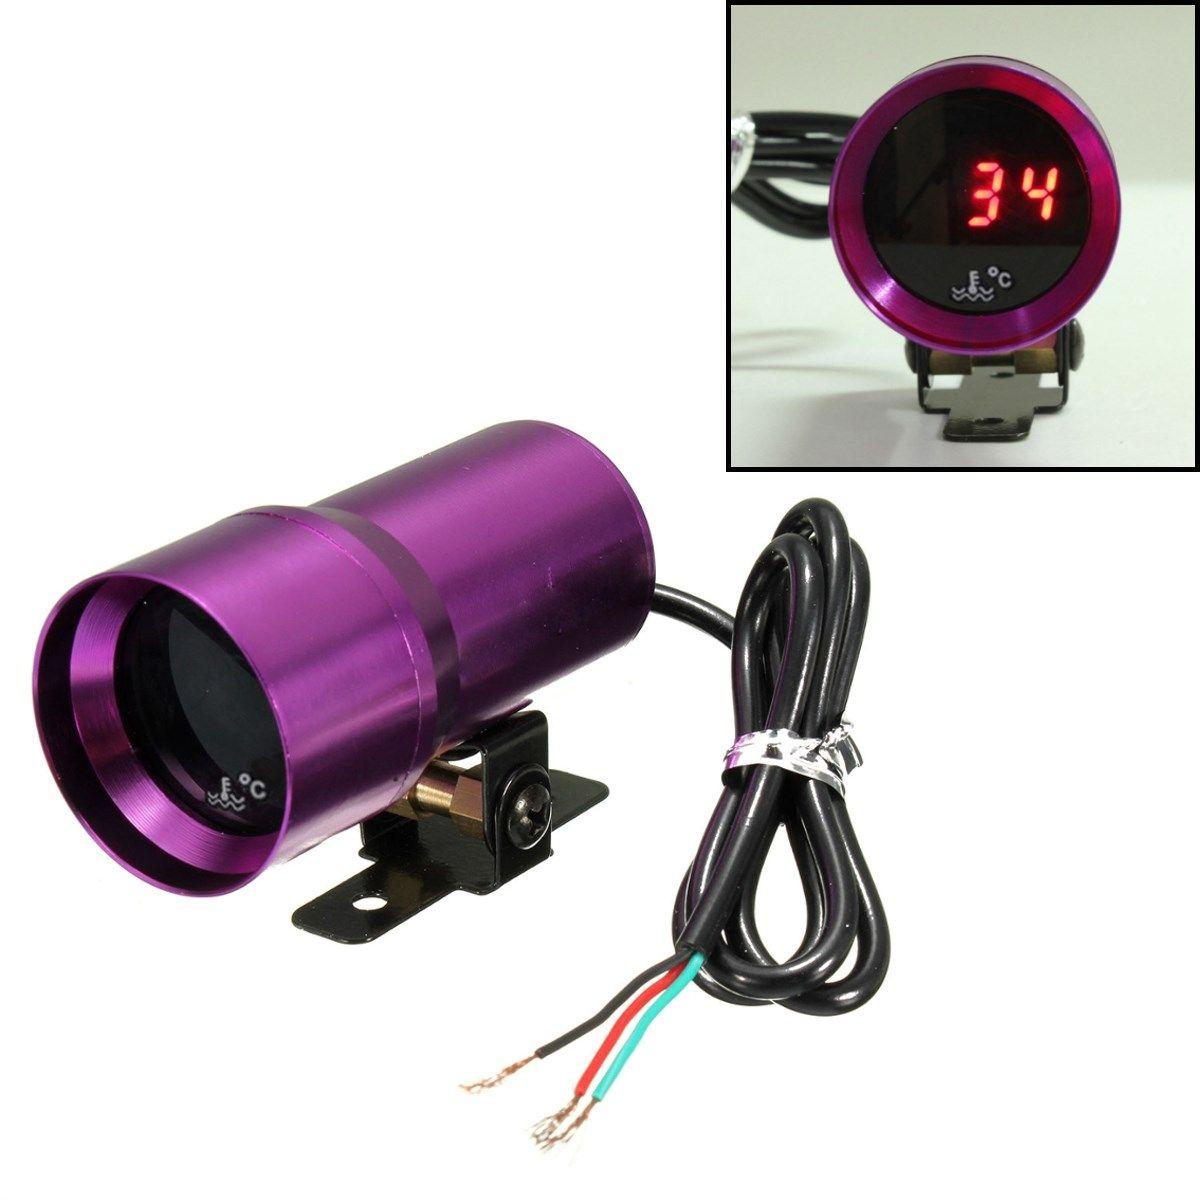 Newest 37mm Univesal Car Water Temp Temperature Gauges Auto Gauge Meter RED Digital Display Purple